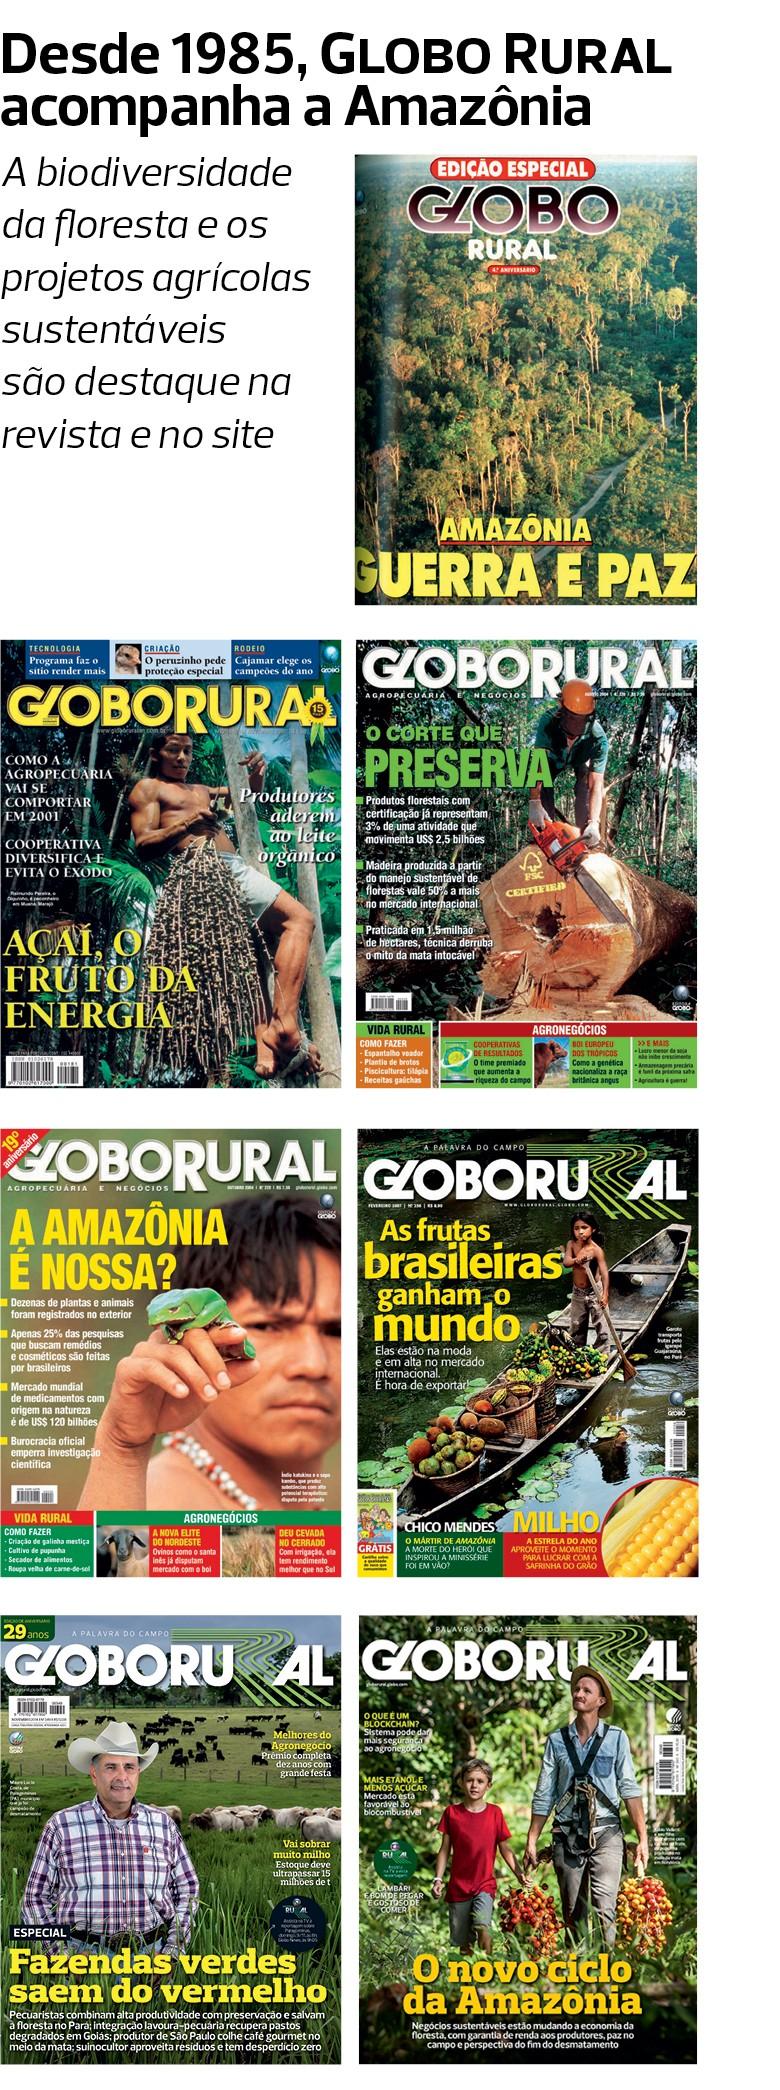 Amazônia (Foto: Fernando Martinho)